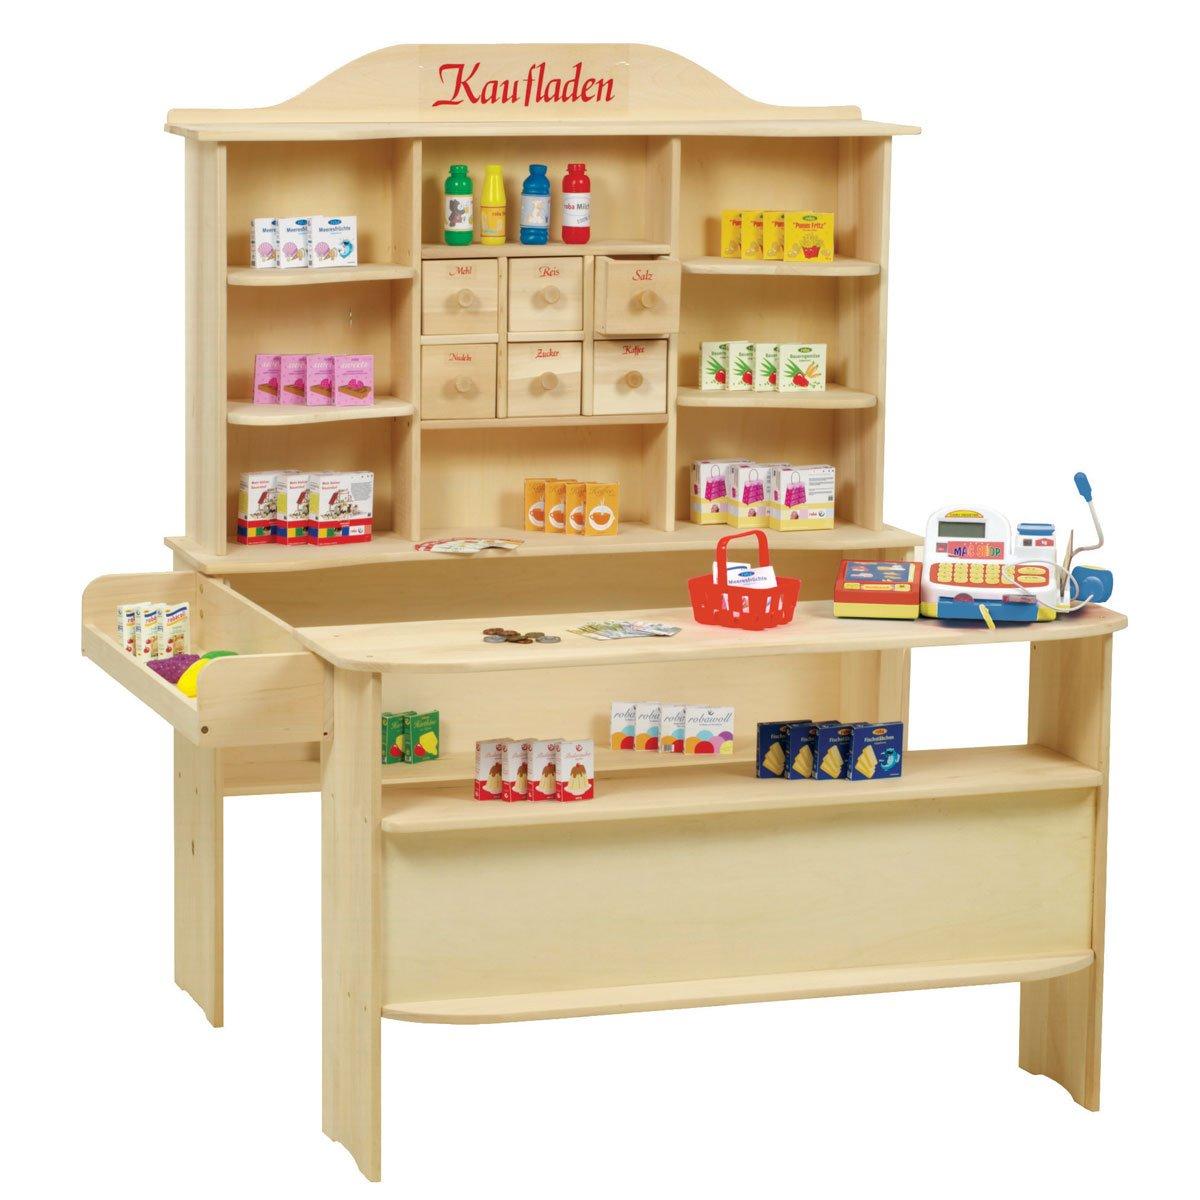 Roba Verkaufsstand - Roba Kaufladen aus Holz inklusive Kaufladenzubehör